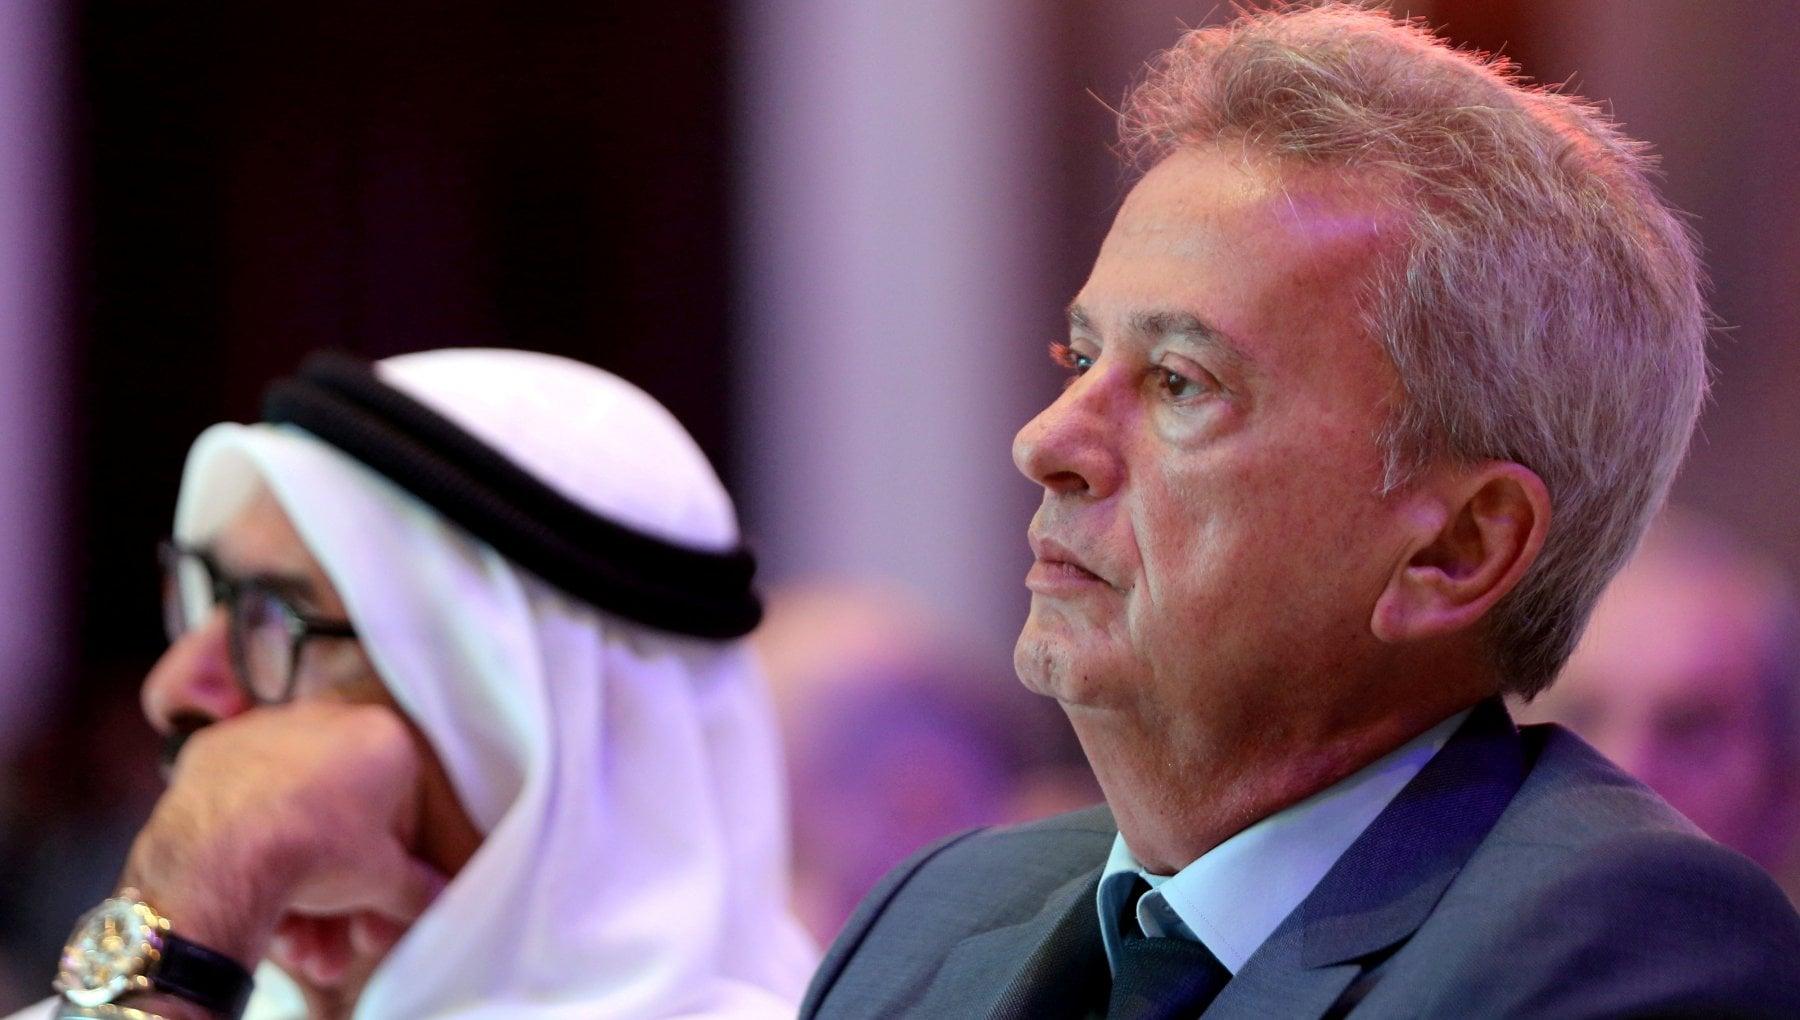 """160036851 9cafb812 7396 457b 8d8c aa83010ca2b3 - Svizzera e Francia, due inchieste contro Salameh: """"Il governatore della banca centrale libanese ha sottratto 2miliardi di dollari"""""""